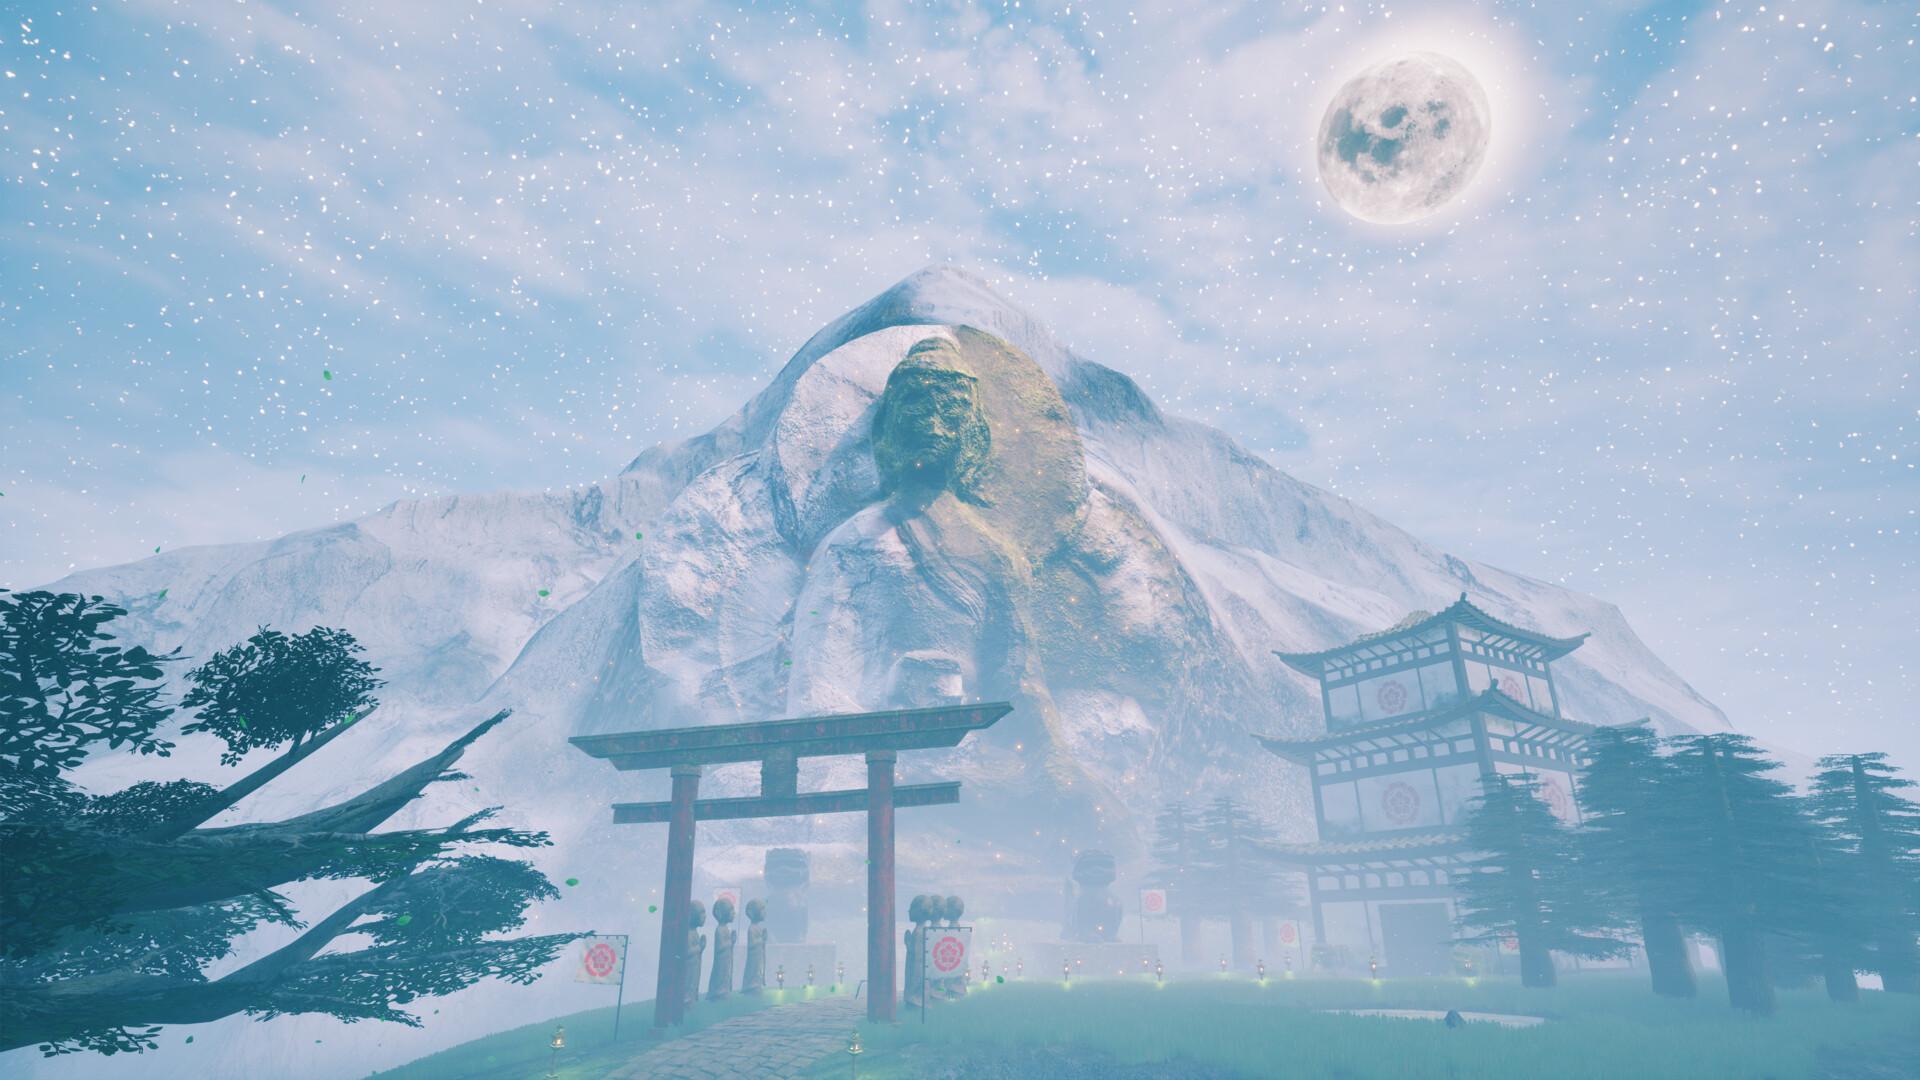 ArtStation - Samurai Mountain, Philip Edison